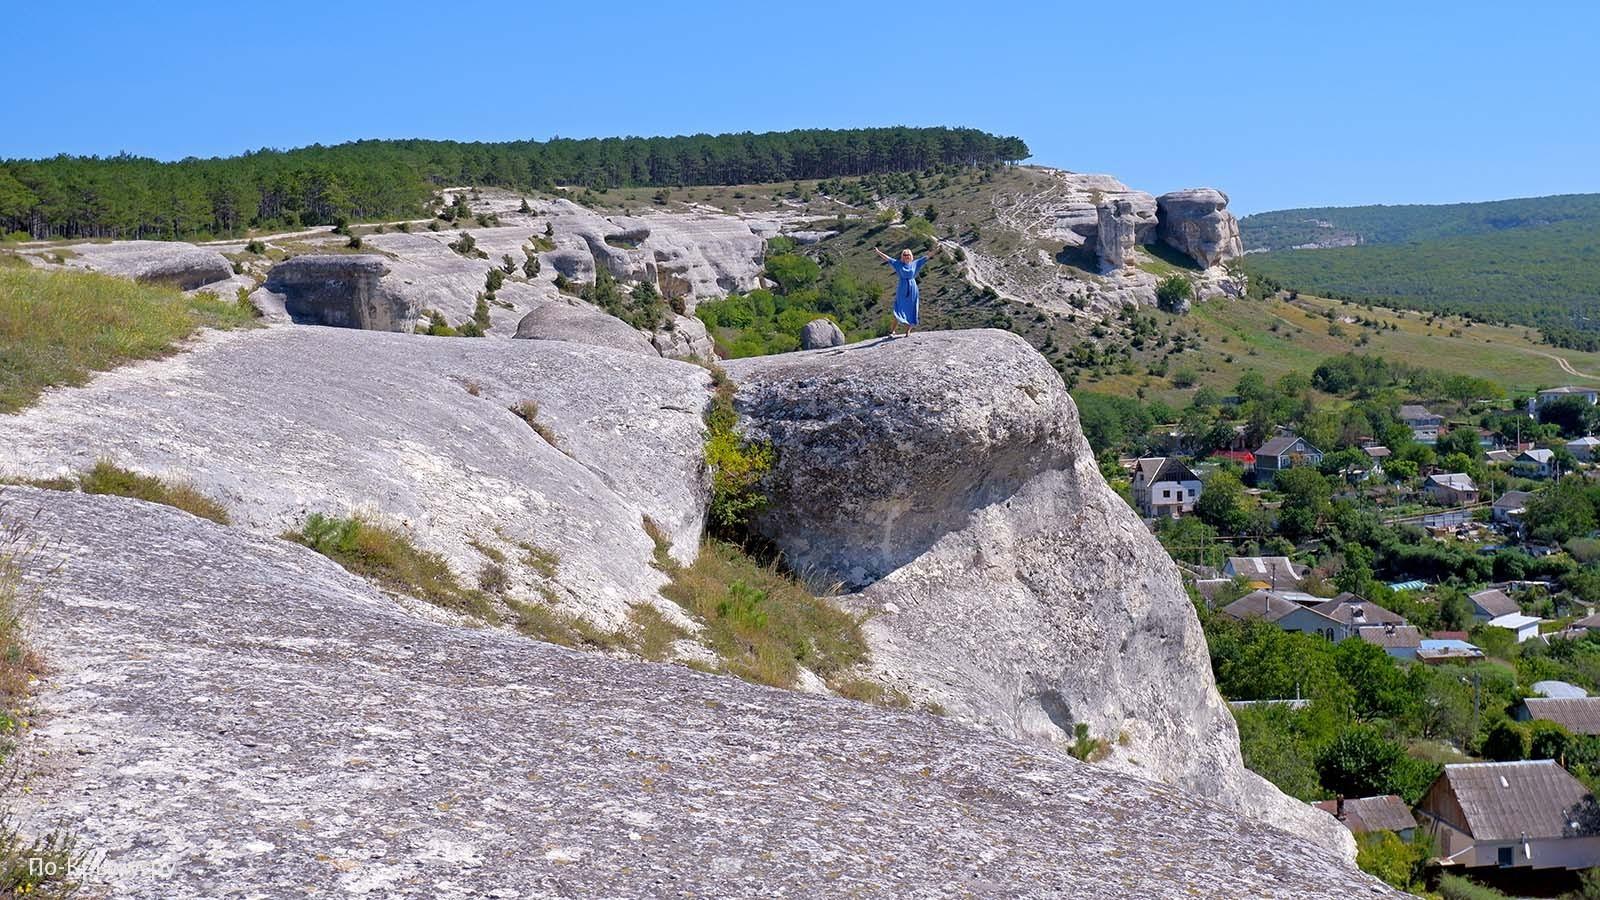 Сфинксы Чурук-Су, Бахчисарай, Крым